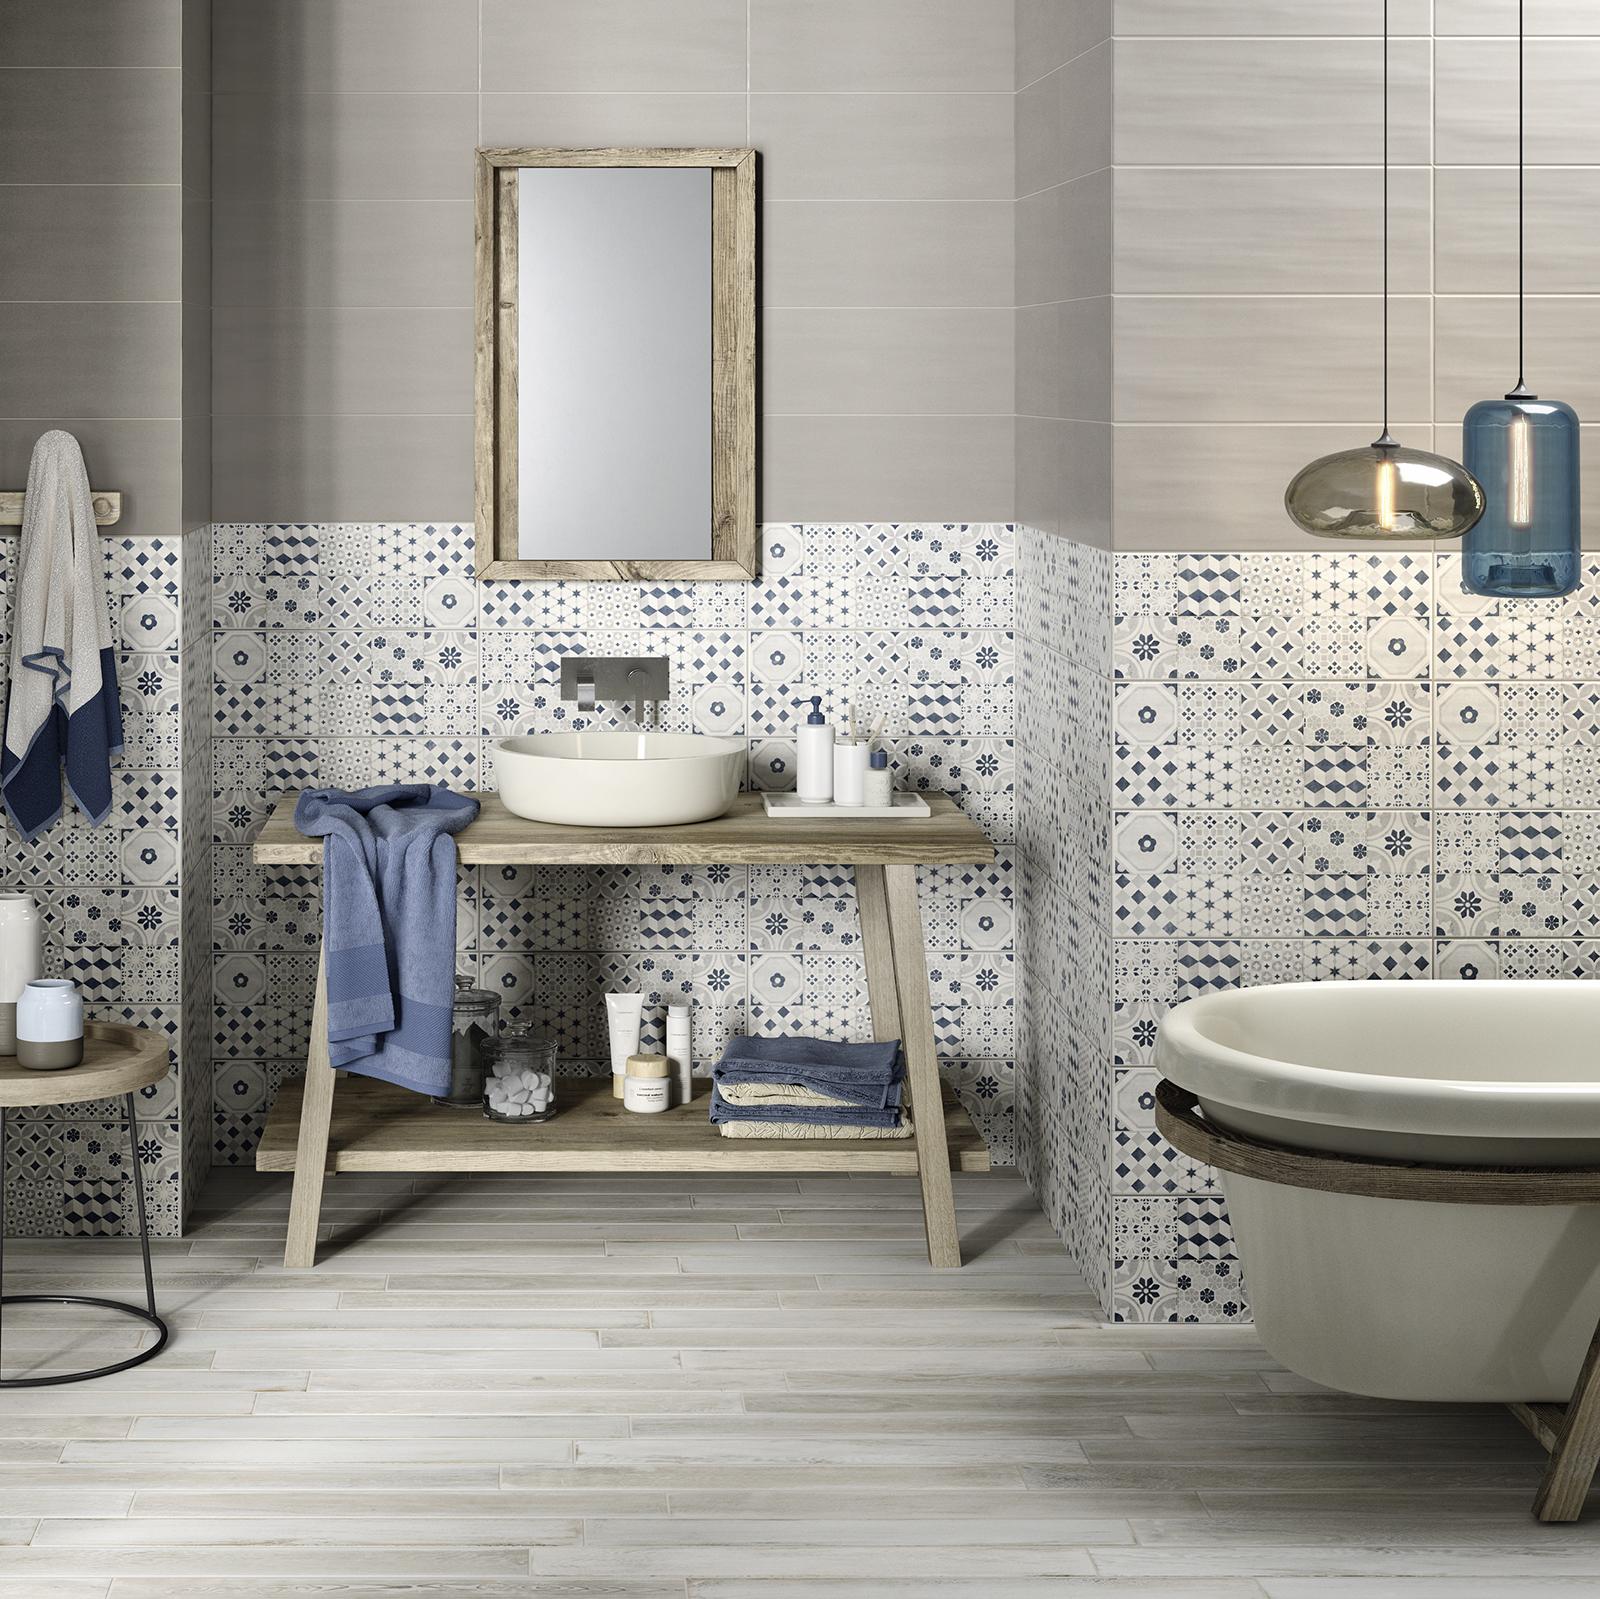 Piastrelle per rivestimenti cucina bagno doccia marazzi for Piastrelle per bagno